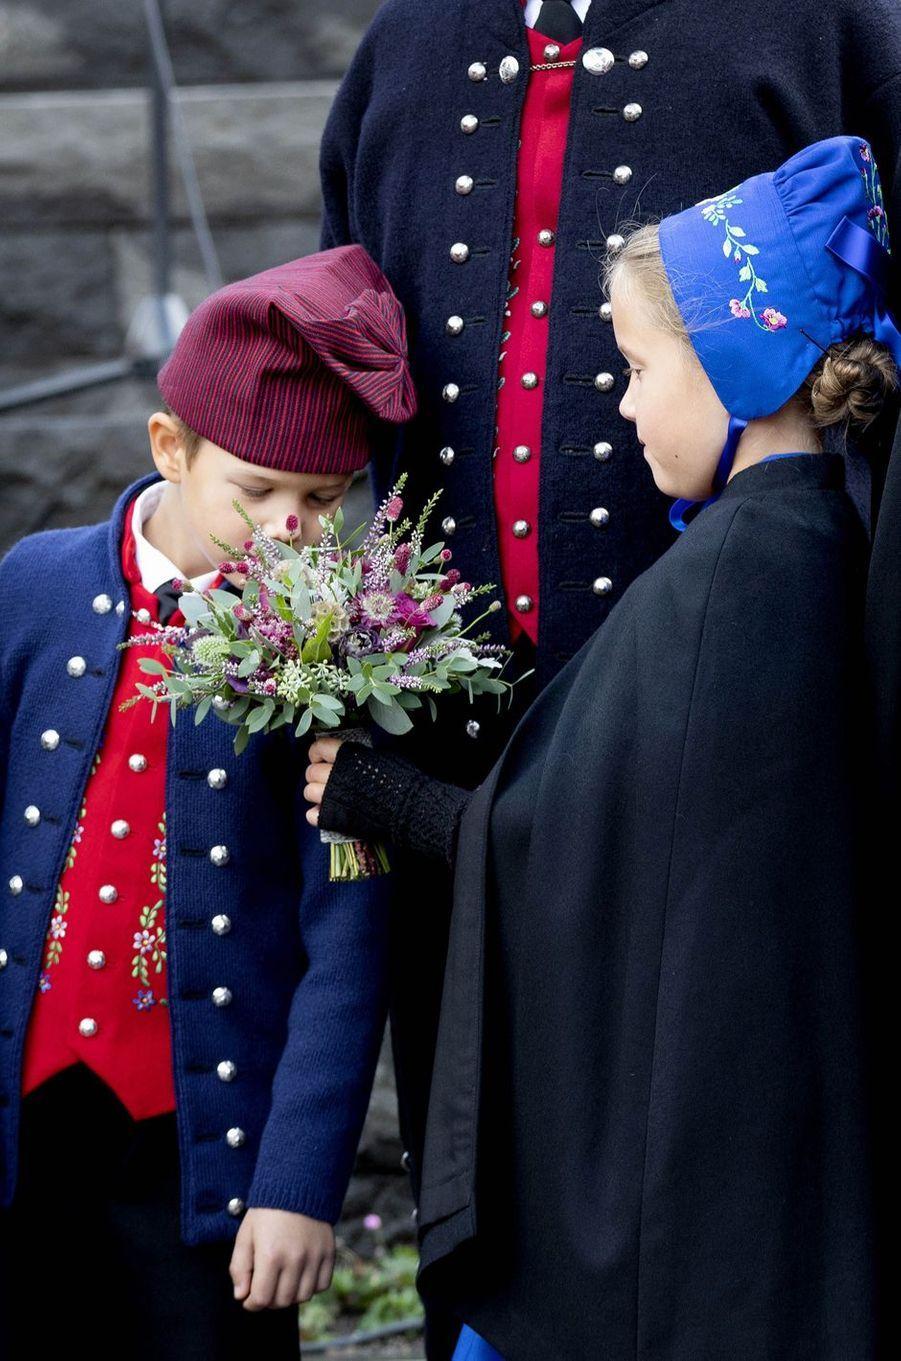 La princesse Josephine et le prince Vincent de Danemark aux îles Féroé, le 23 août 2018